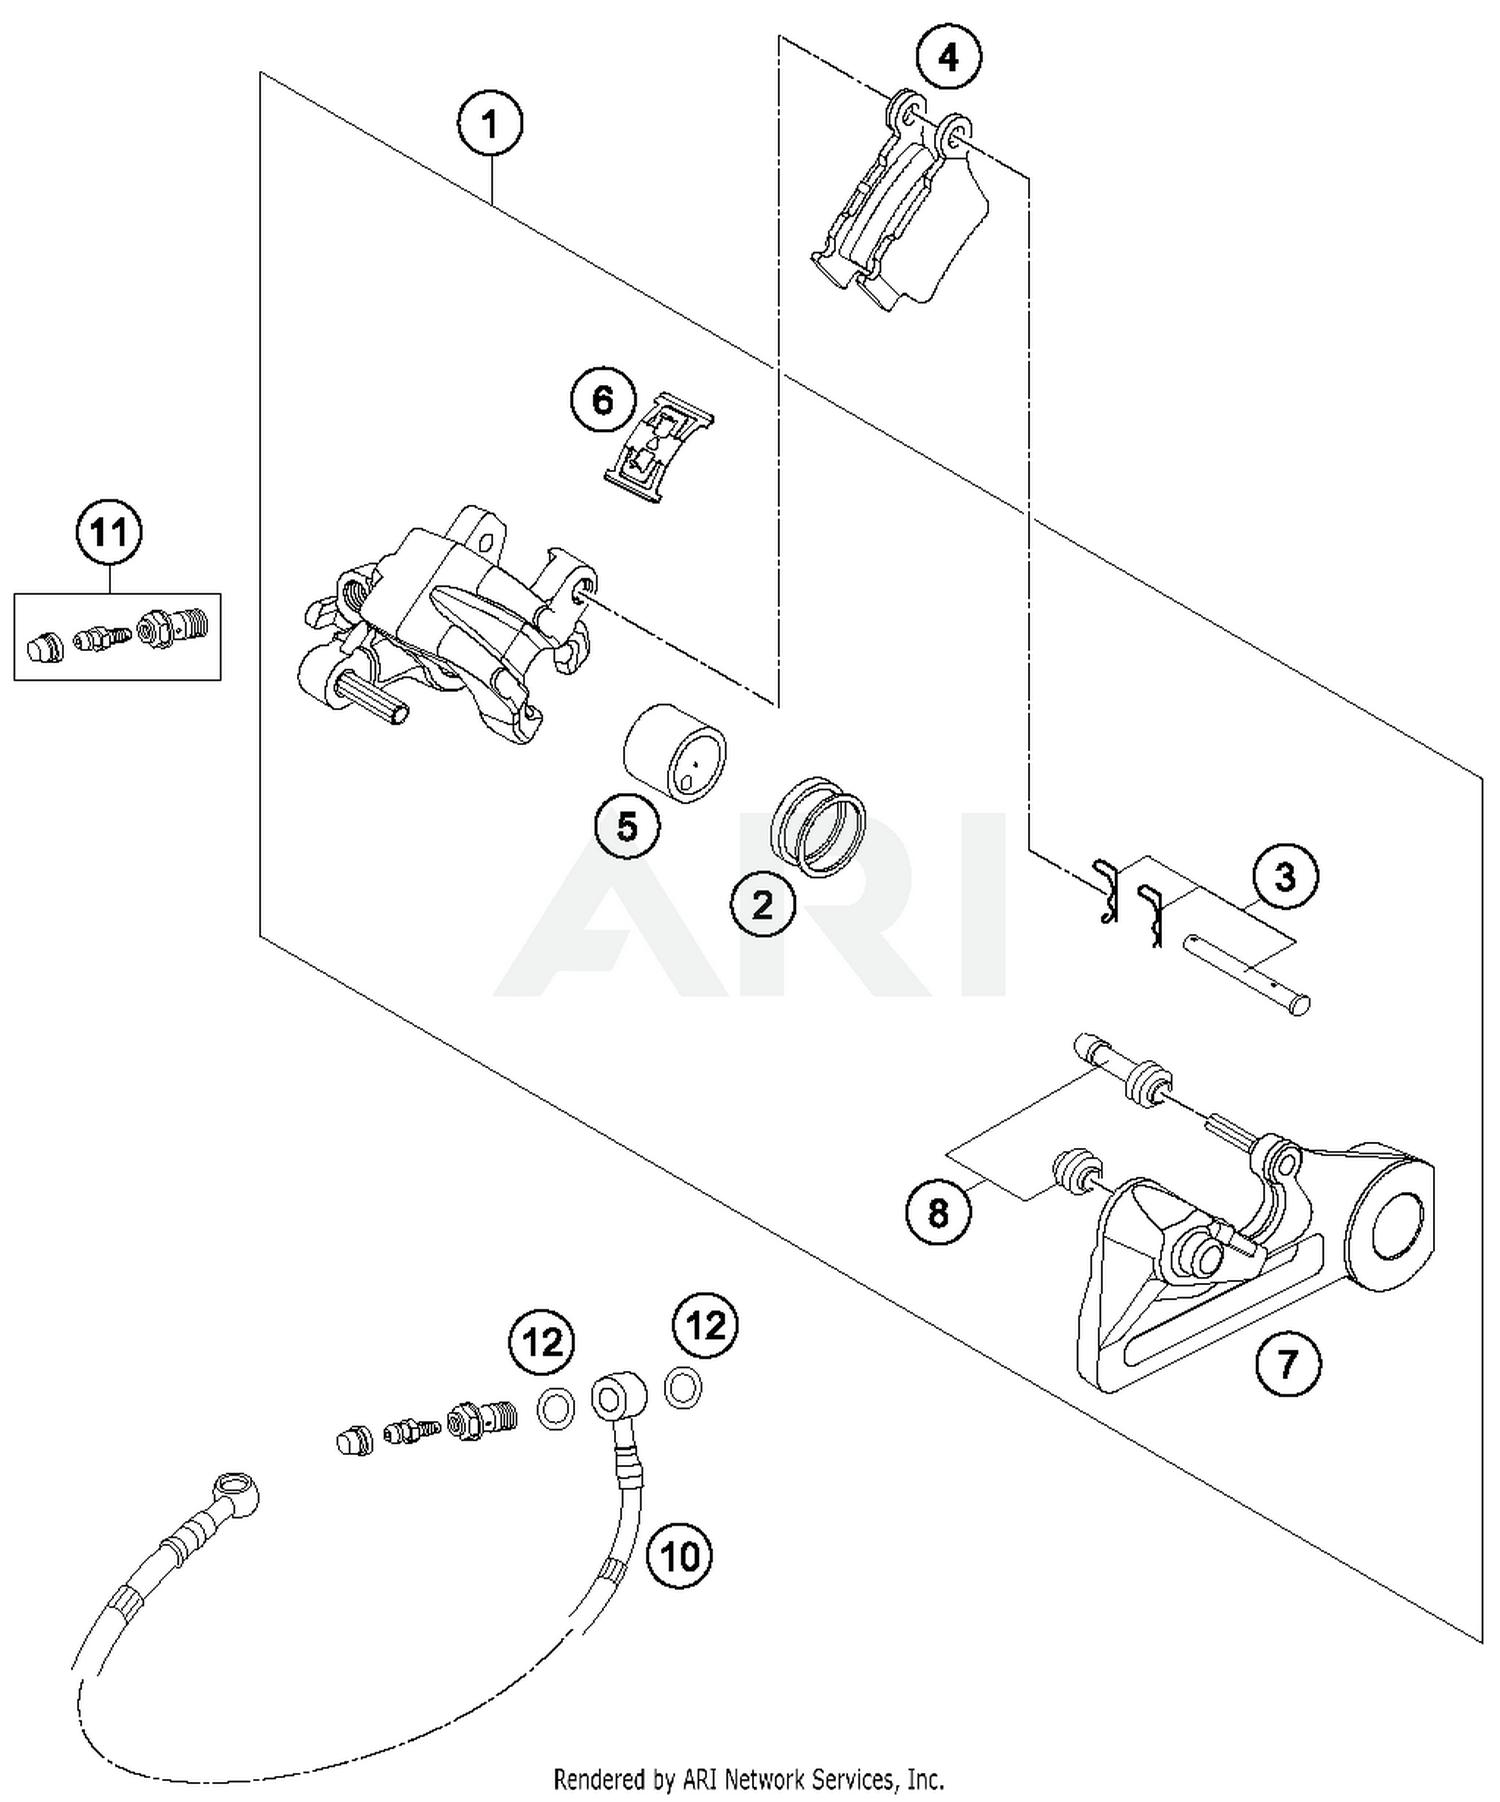 Husqvarna Light Wiring Schematic - Wiring Diagram Database on dixon wiring schematic, john deere wiring schematic, genie wiring schematic, electrolux wiring schematic, volvo wiring schematic, yanmar wiring schematic, honda wiring schematic, yamaha wiring schematic, exmark wiring schematic, poulan pro wiring schematic, isuzu wiring schematic, simplicity wiring schematic, kohler wiring schematic, vespa wiring schematic, victory wiring schematic, craftsman wiring schematic, ford wiring schematic, jcb wiring schematic, snapper wiring schematic, new holland wiring schematic,